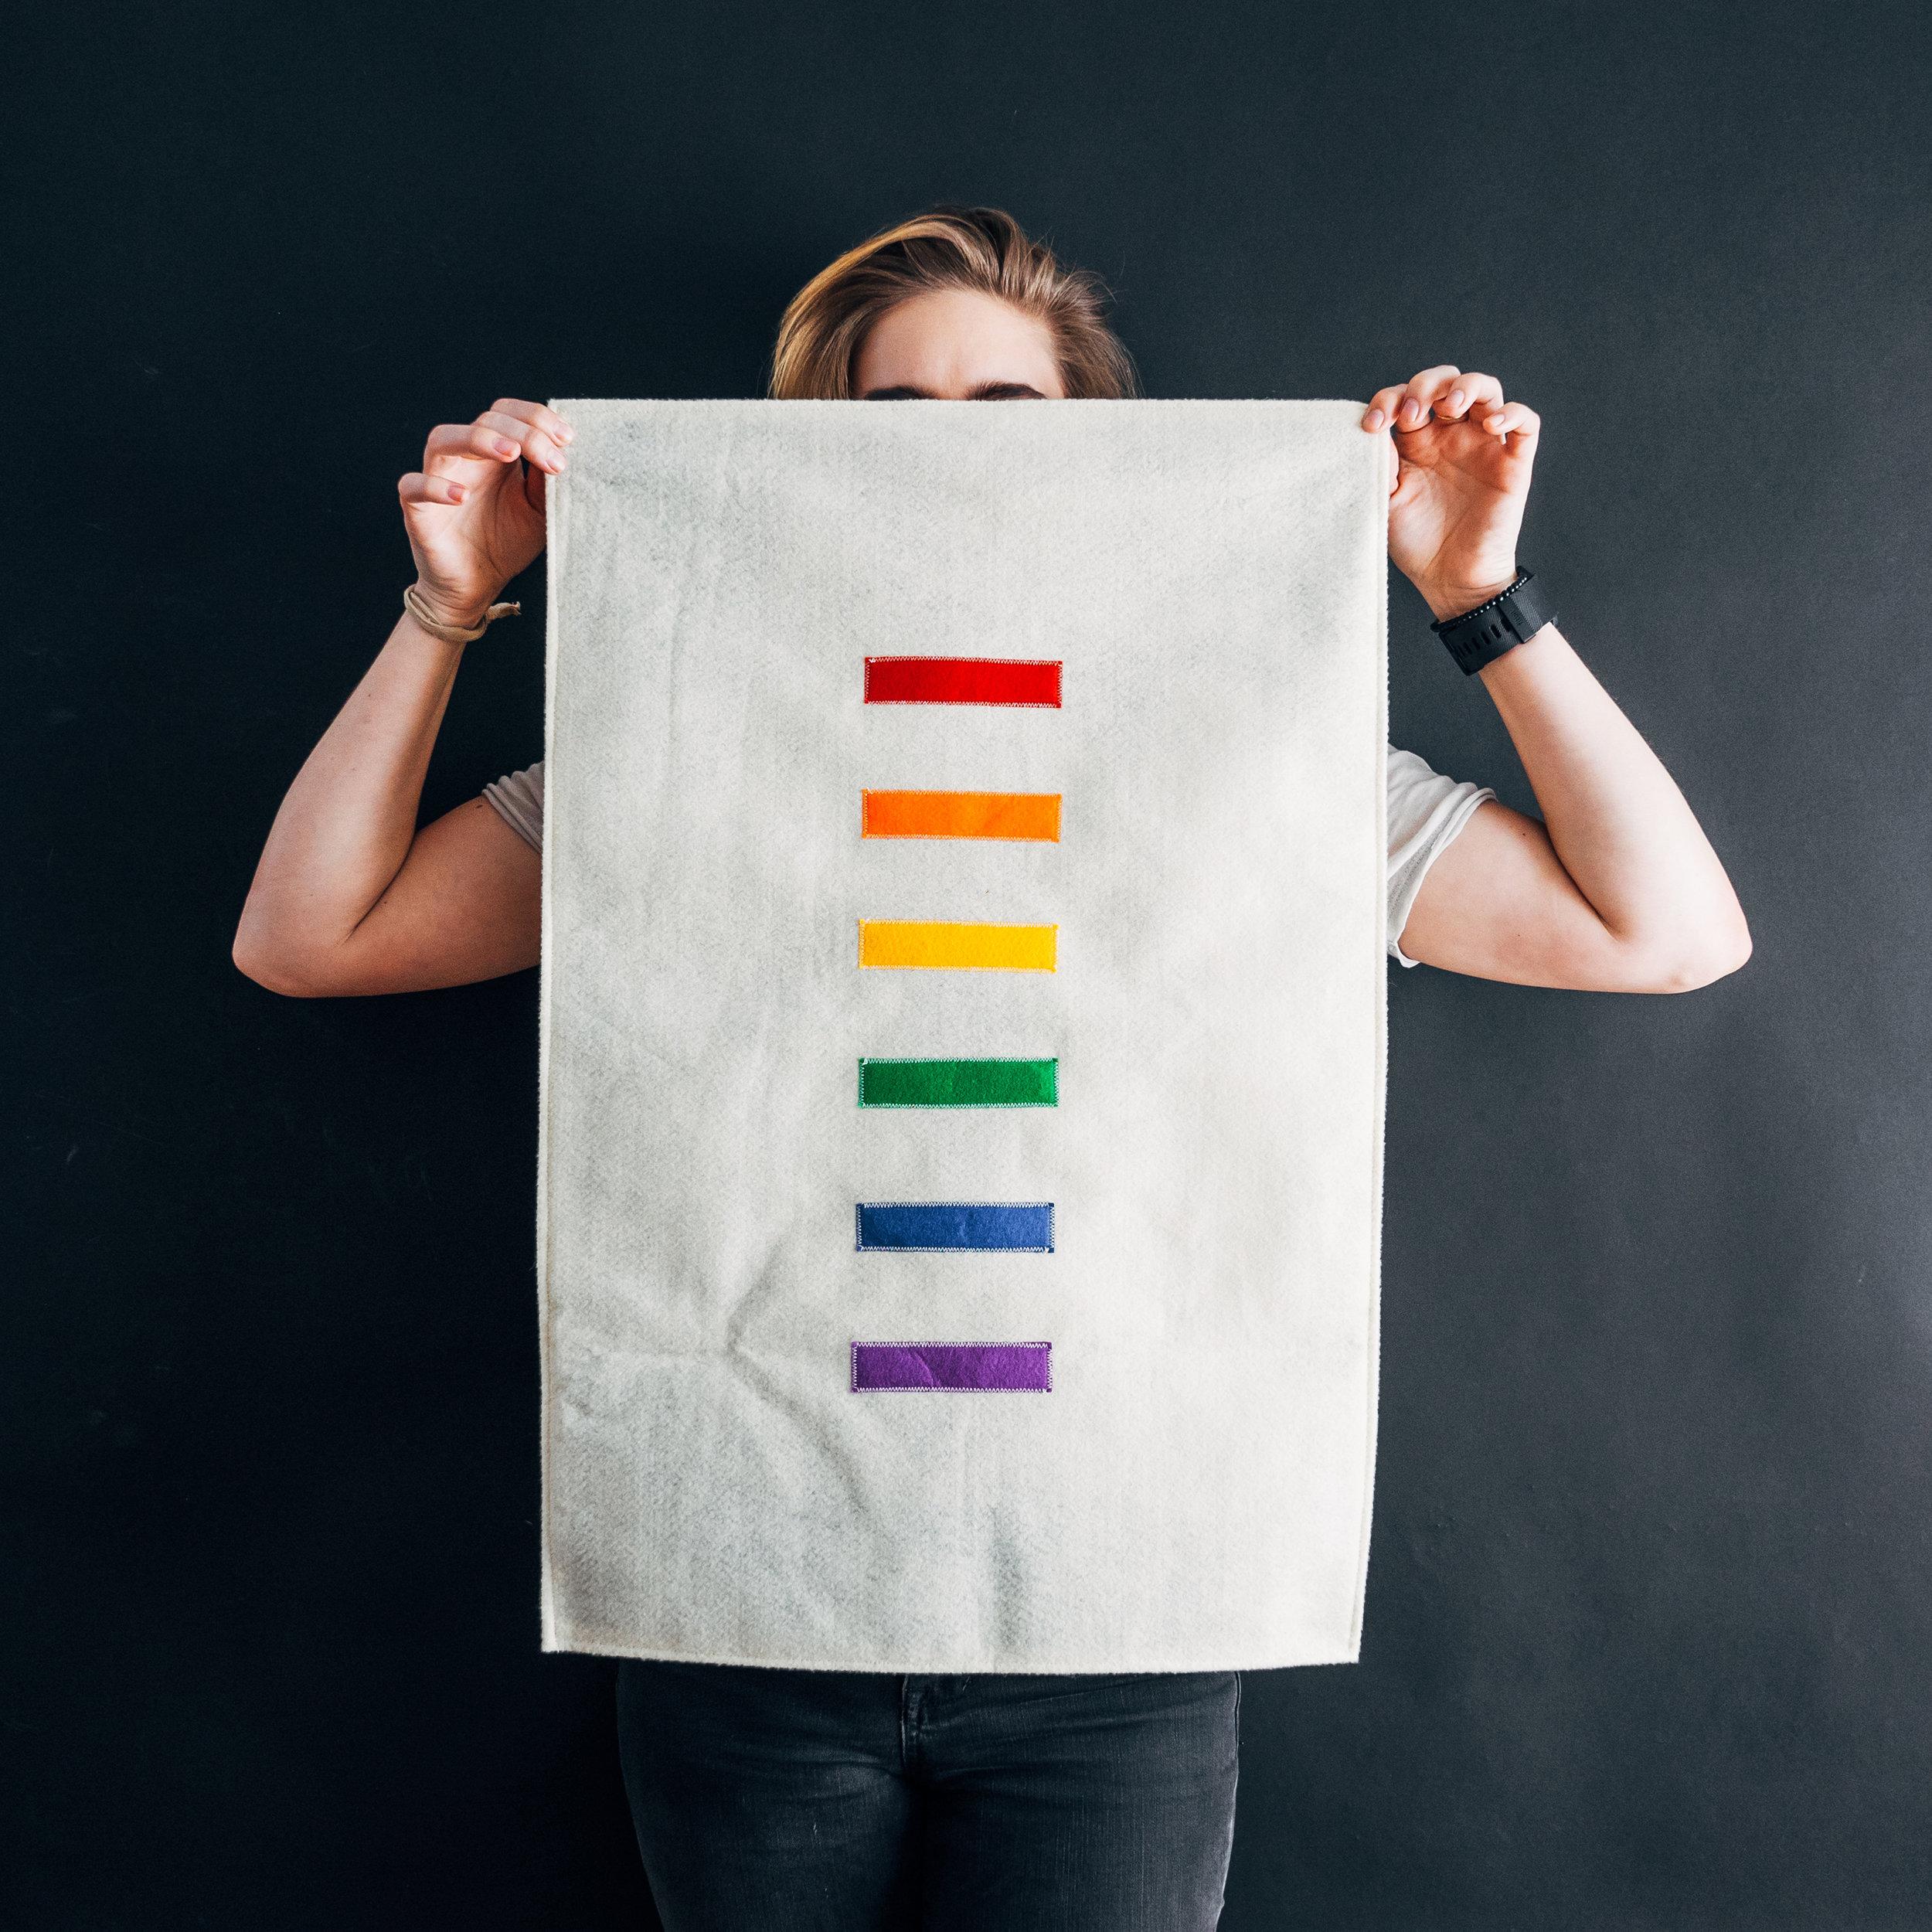 Rainbow_ooy-3_web - Carra Sykes.jpg